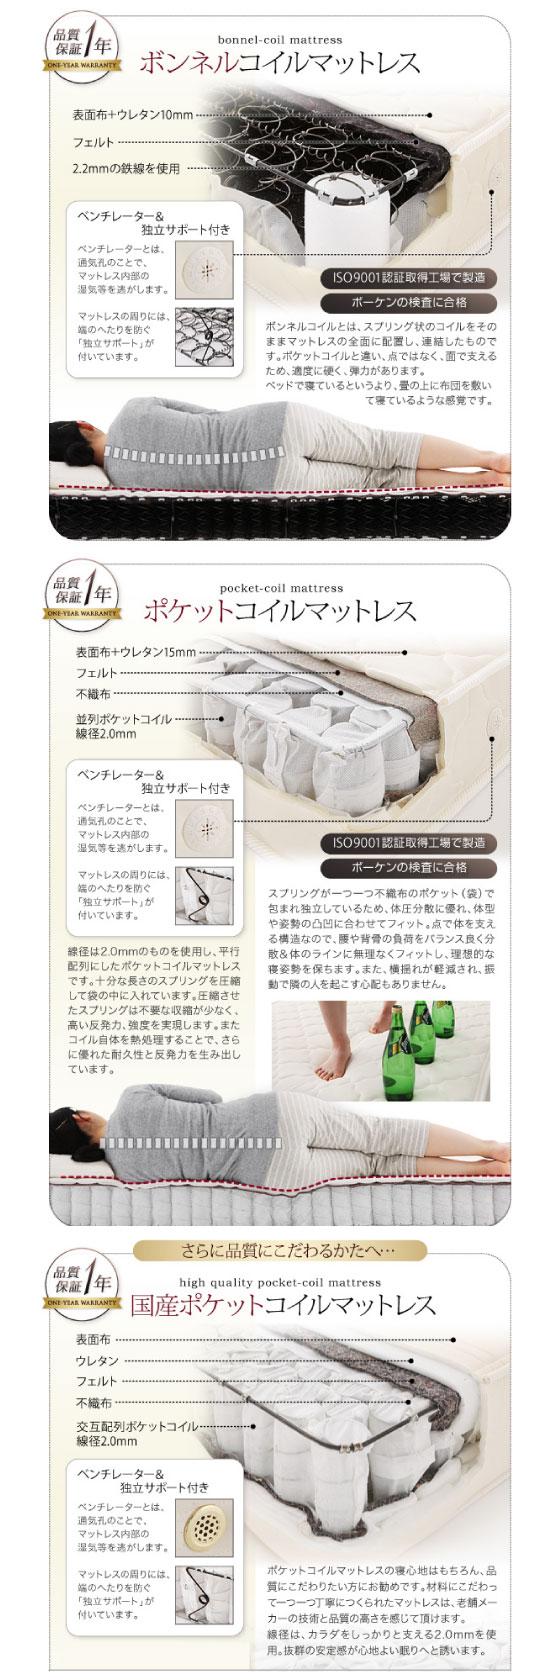 照明&収納&棚&電源コンセント付きシングルベッド